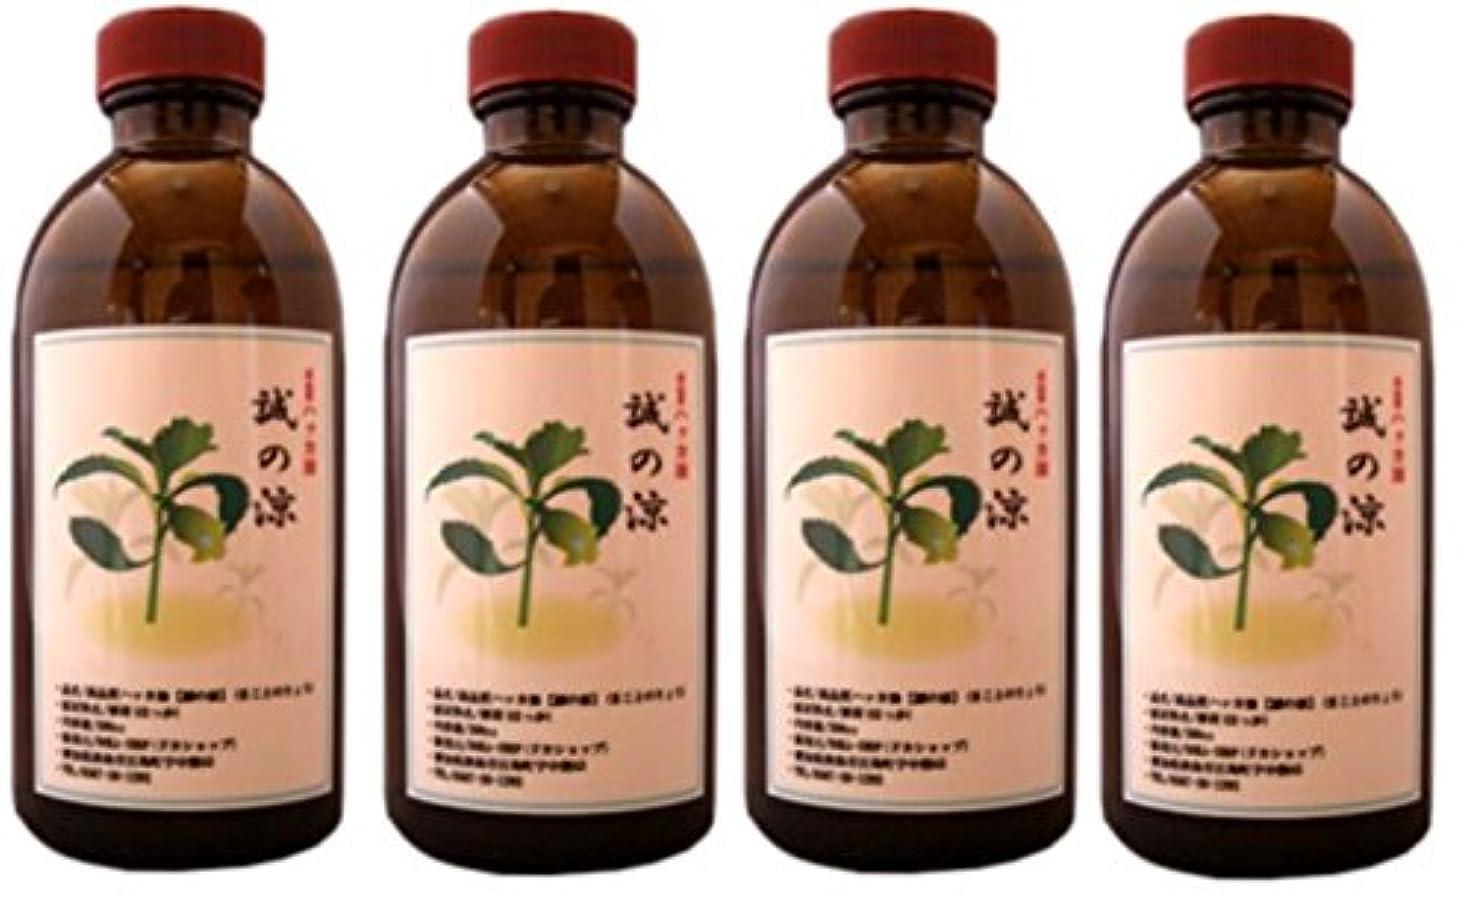 こだわりビルキャストDOKA-SHOP 高品質ハッカ精油100%【誠の涼(まことのりょう)】日本国内加工精製 200cc×4本セット